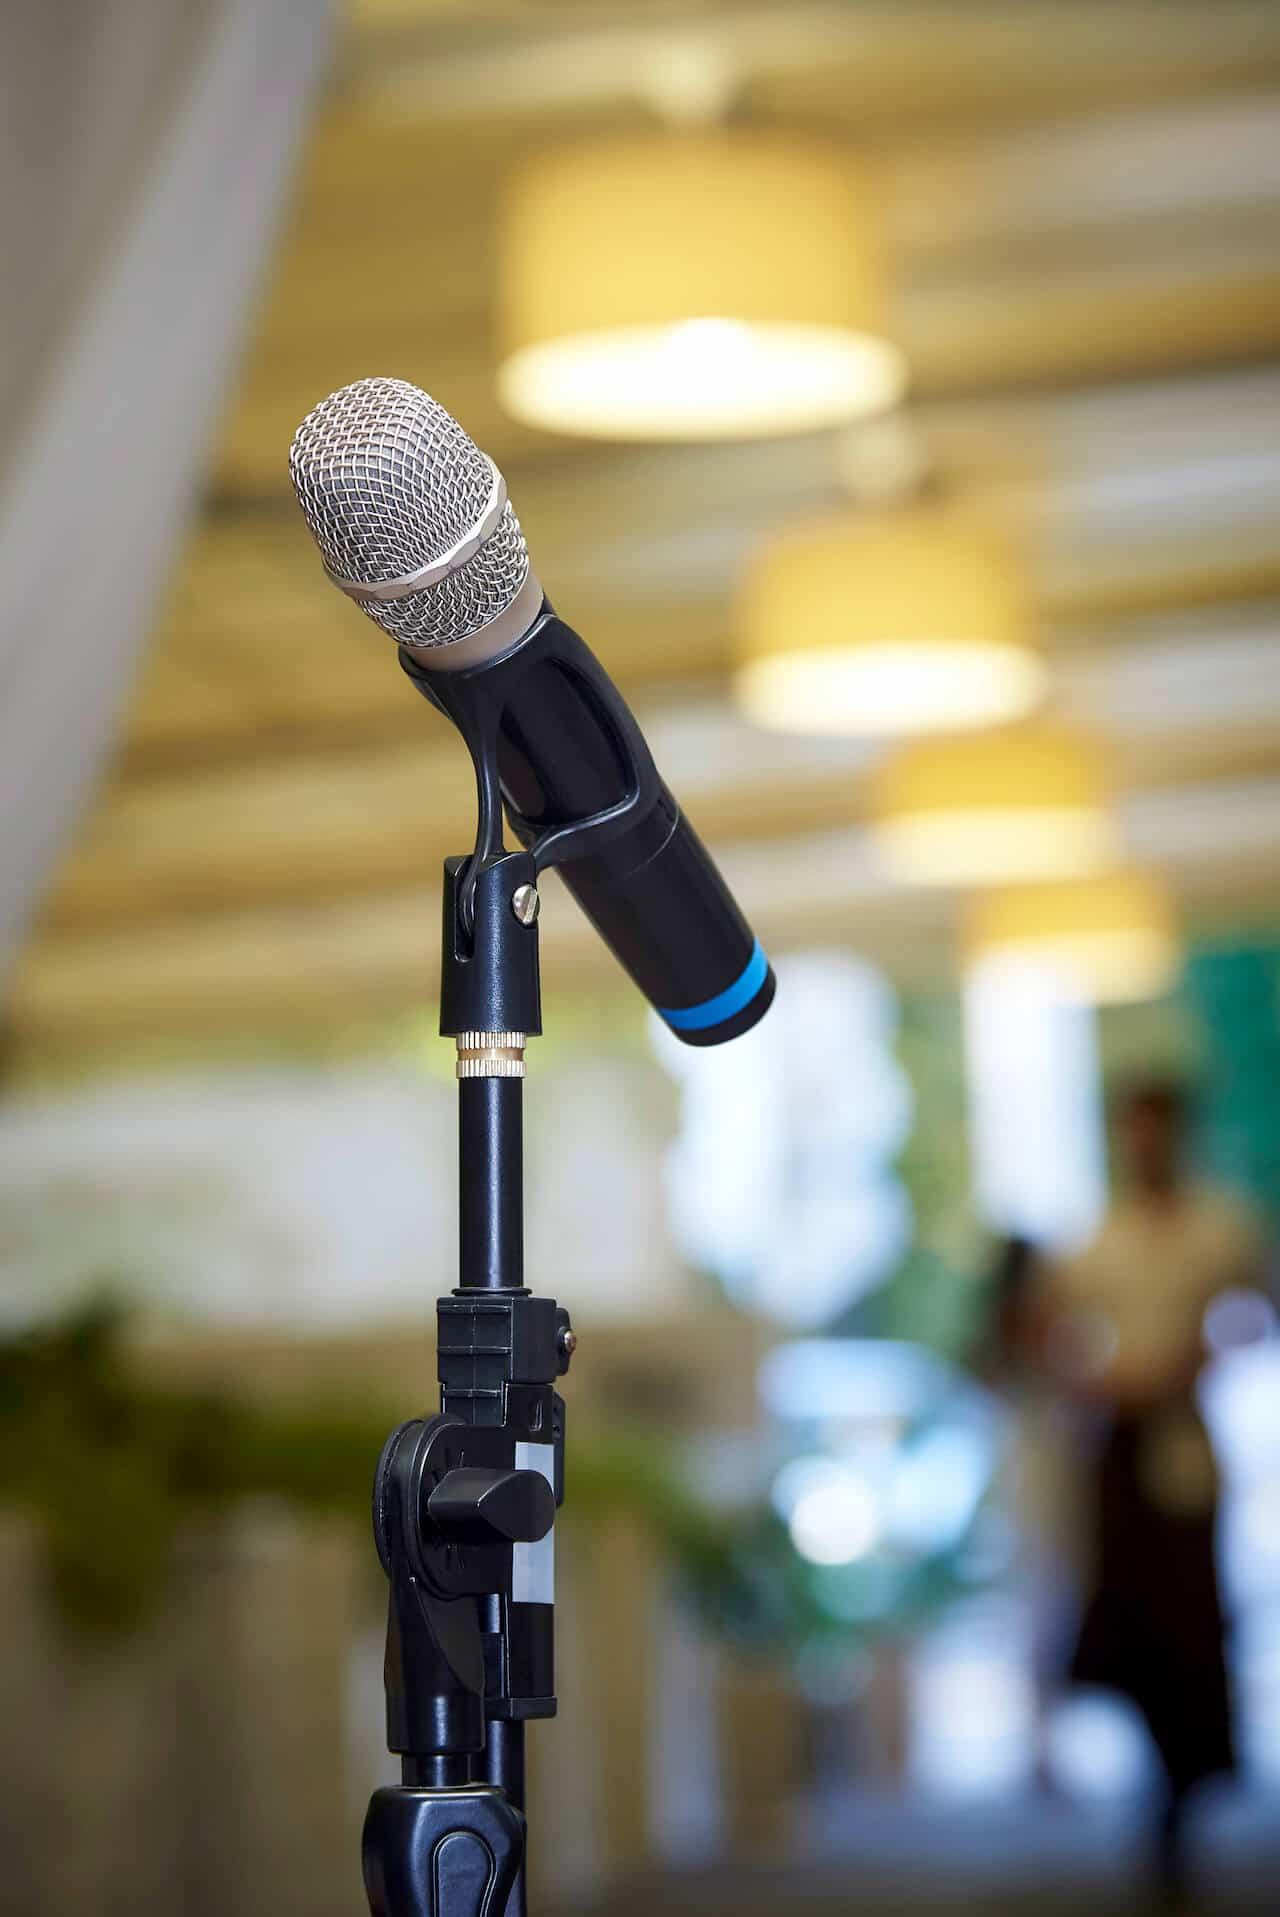 Microfoon staat klaar voor de presentatie van het jaarverslag